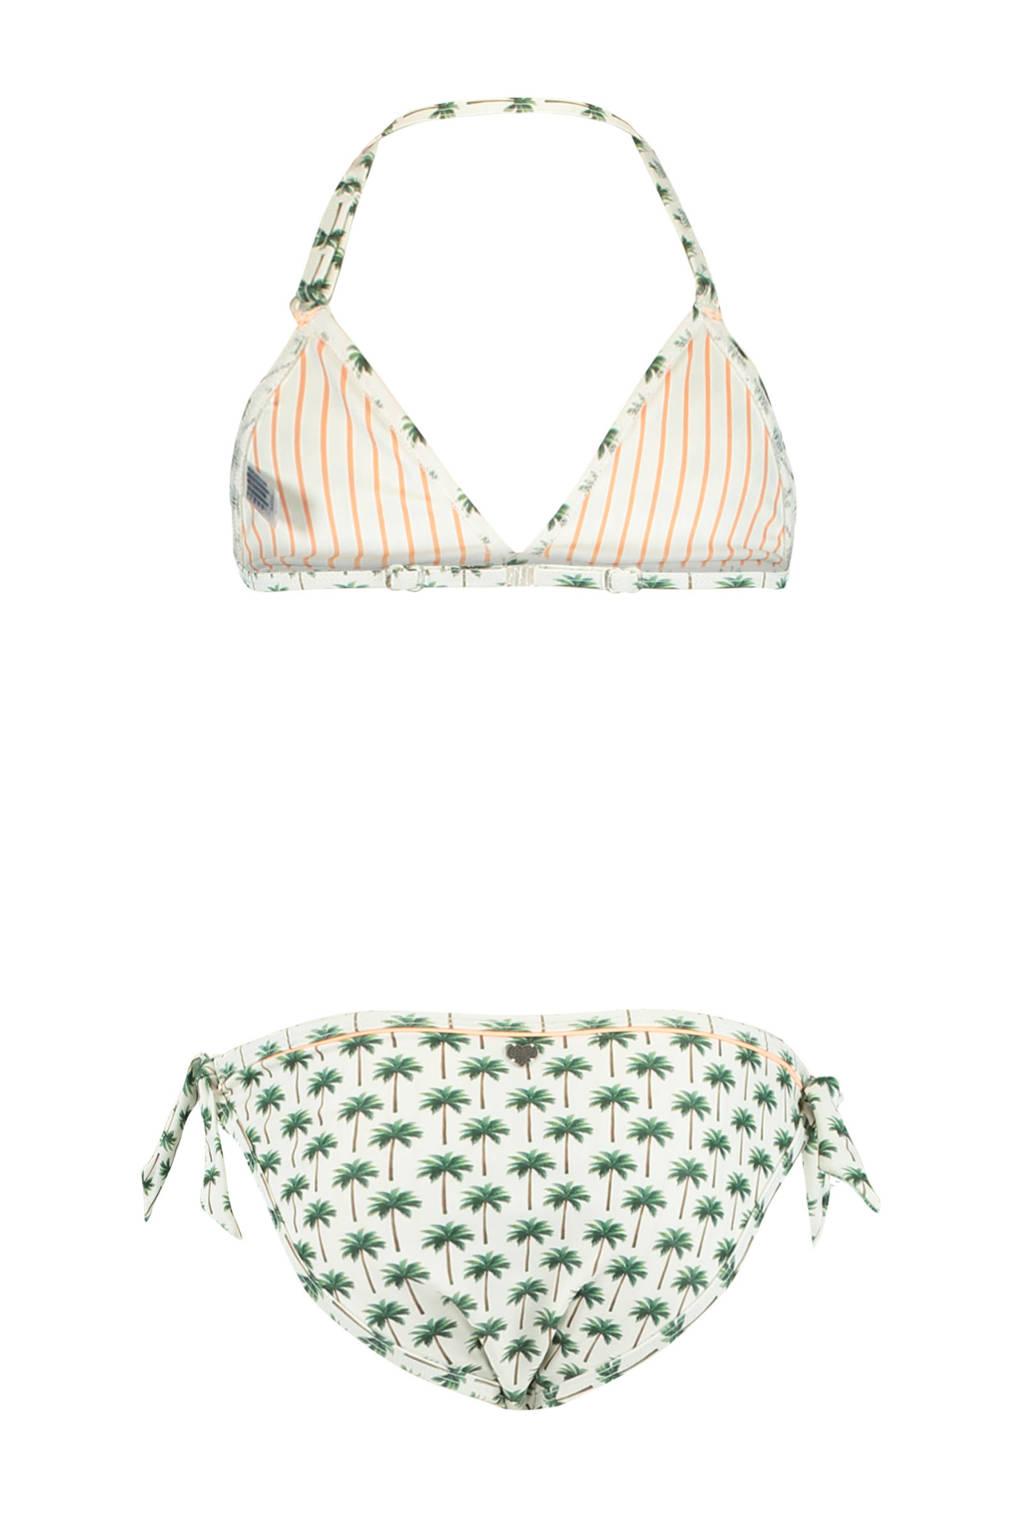 America Today Junior triangel bikini Luna met all over print wit/groen, Wit/groen